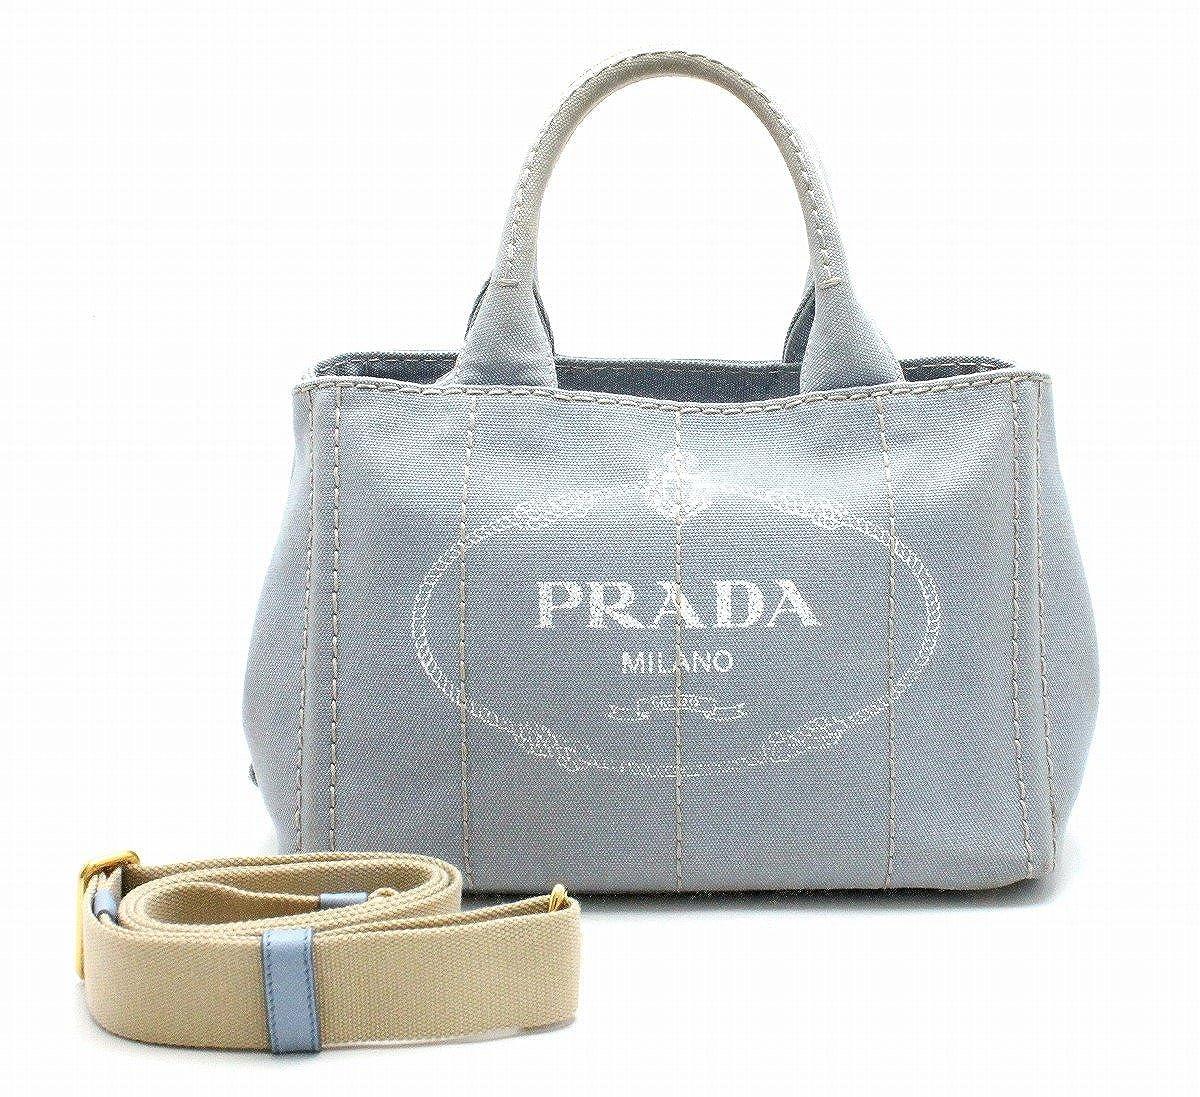 [プラダ] PRADA CANAPA カナパ ミニカナパ スモールトートバッグ ハンドバッグ 2WAY ショルダーバッグ デニム 水色 ライトブルー 1BG439 B07FRLFX8P